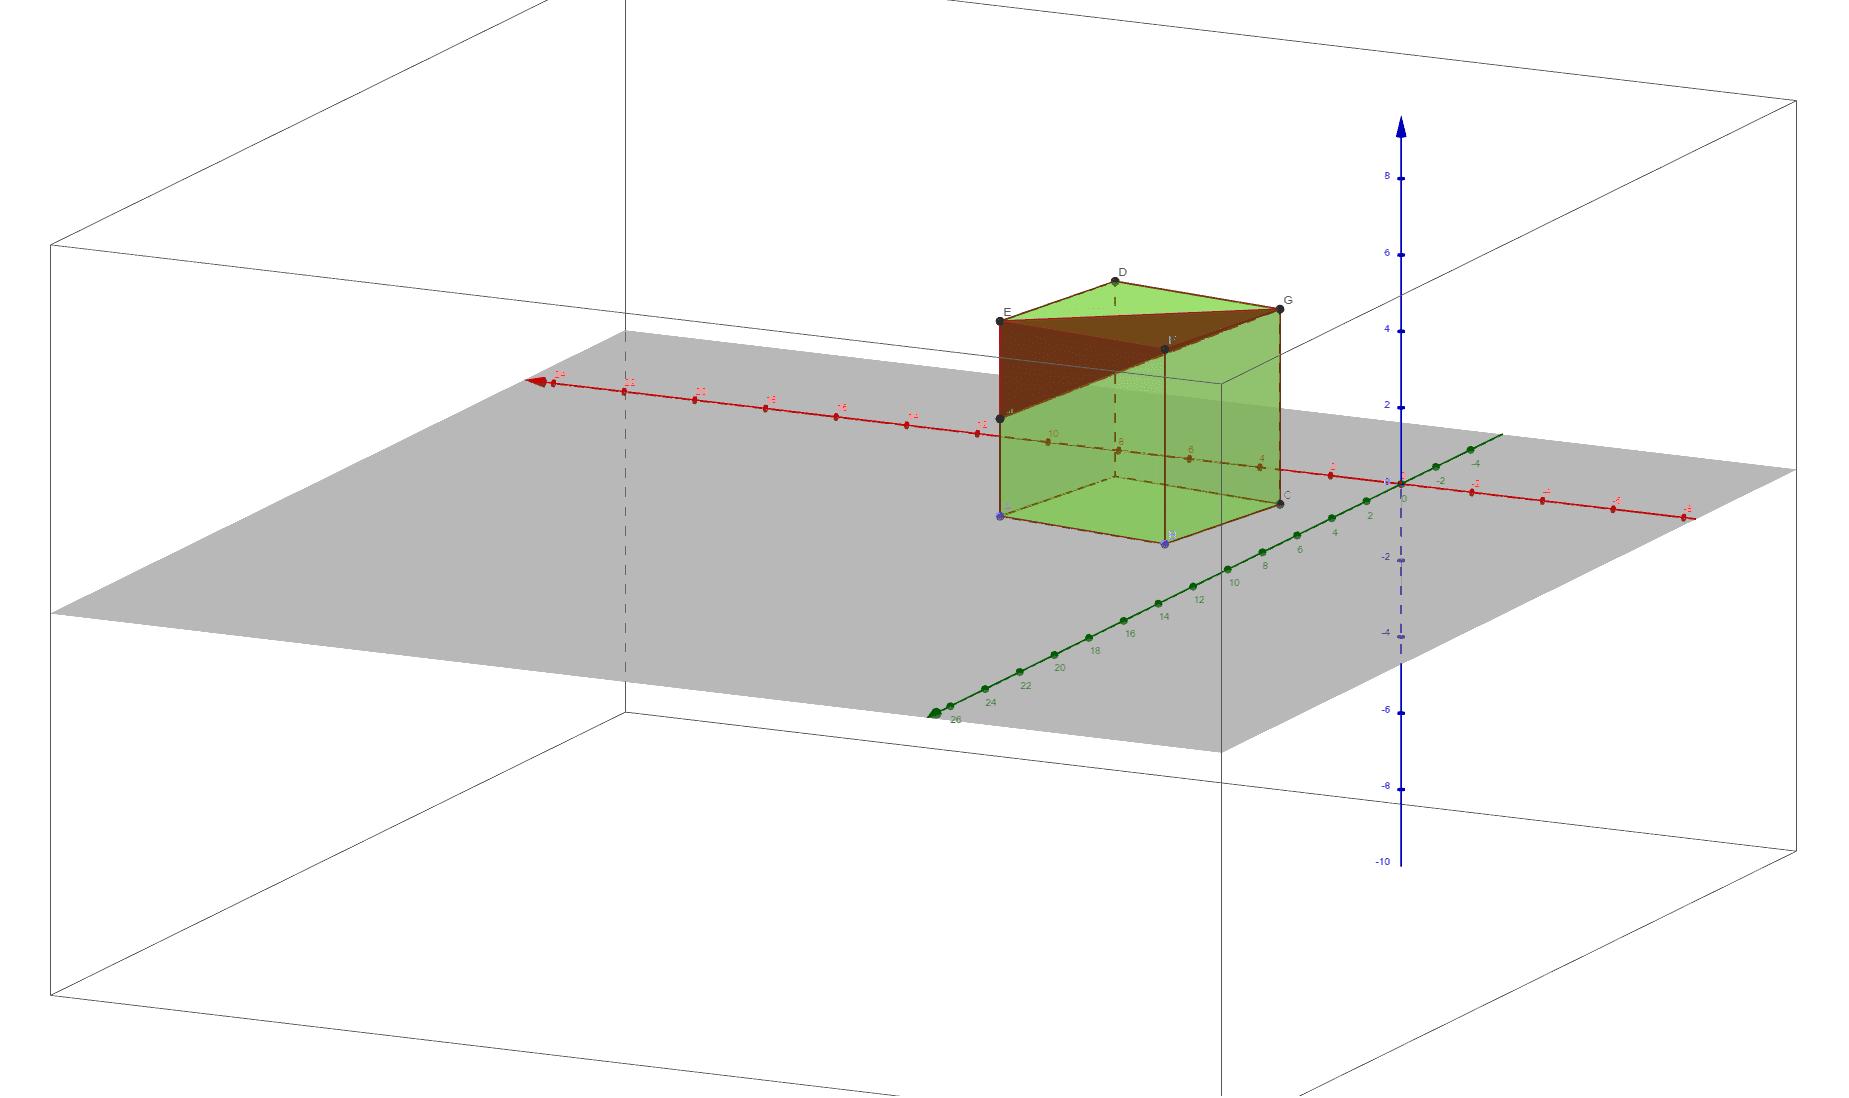 Kubus met driehoek  Klik op Enter om de activiteit te starten